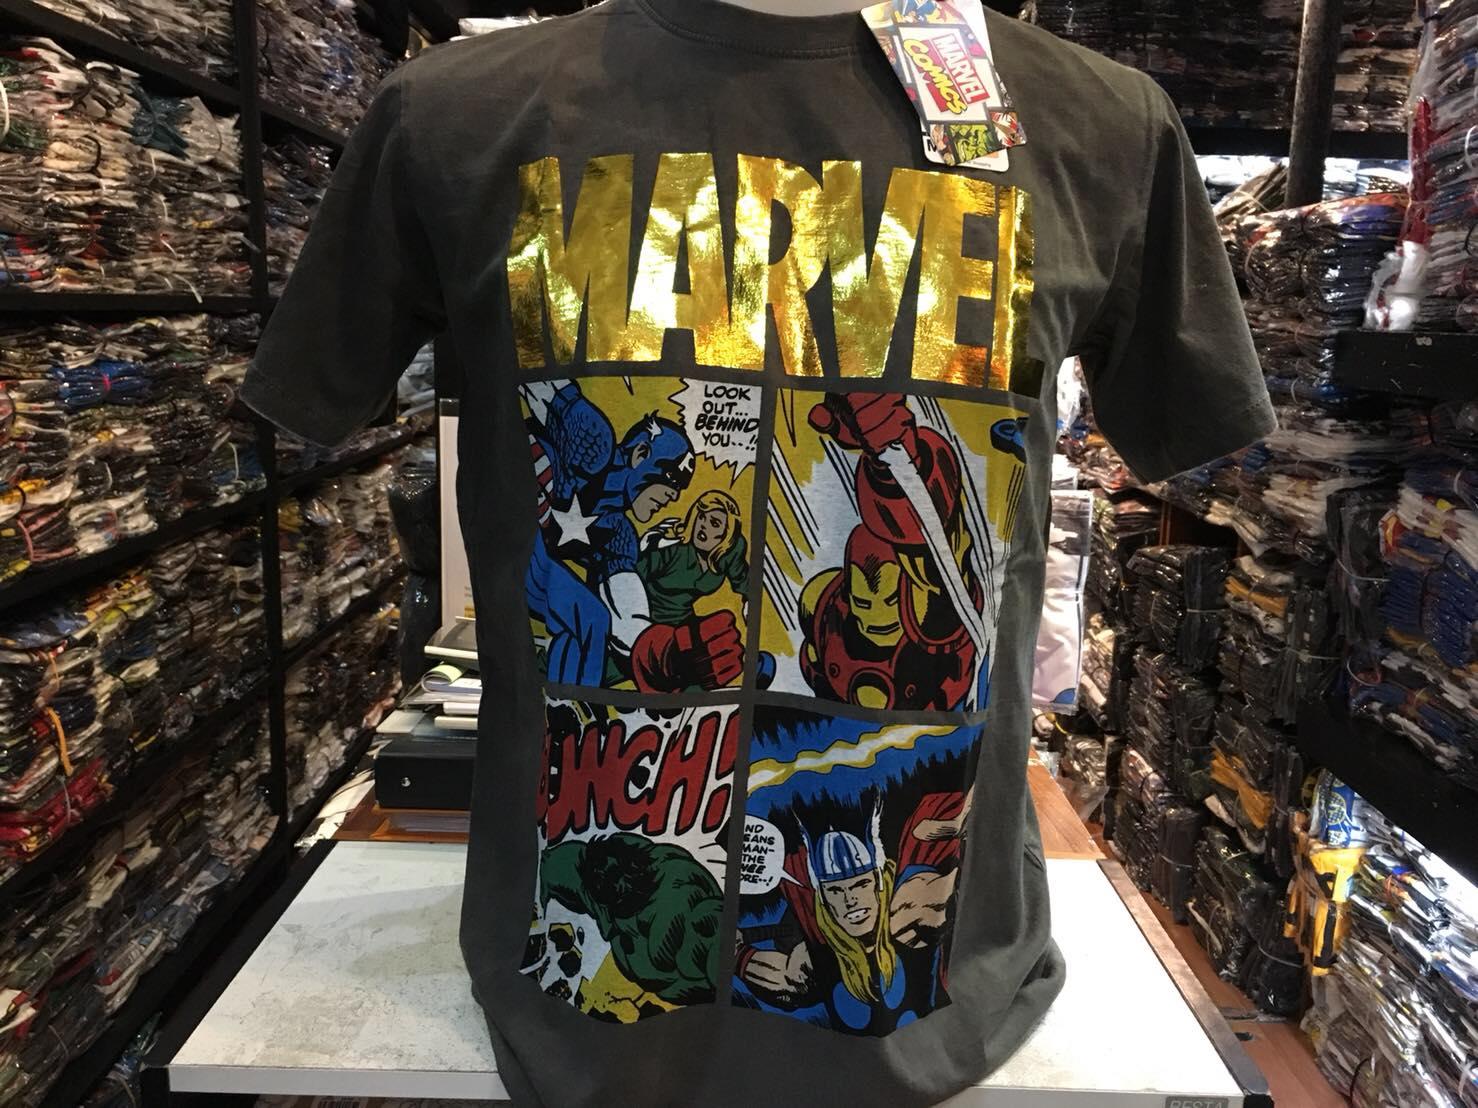 มาร์เวล สีเทา (Marvel logo gold Hero)